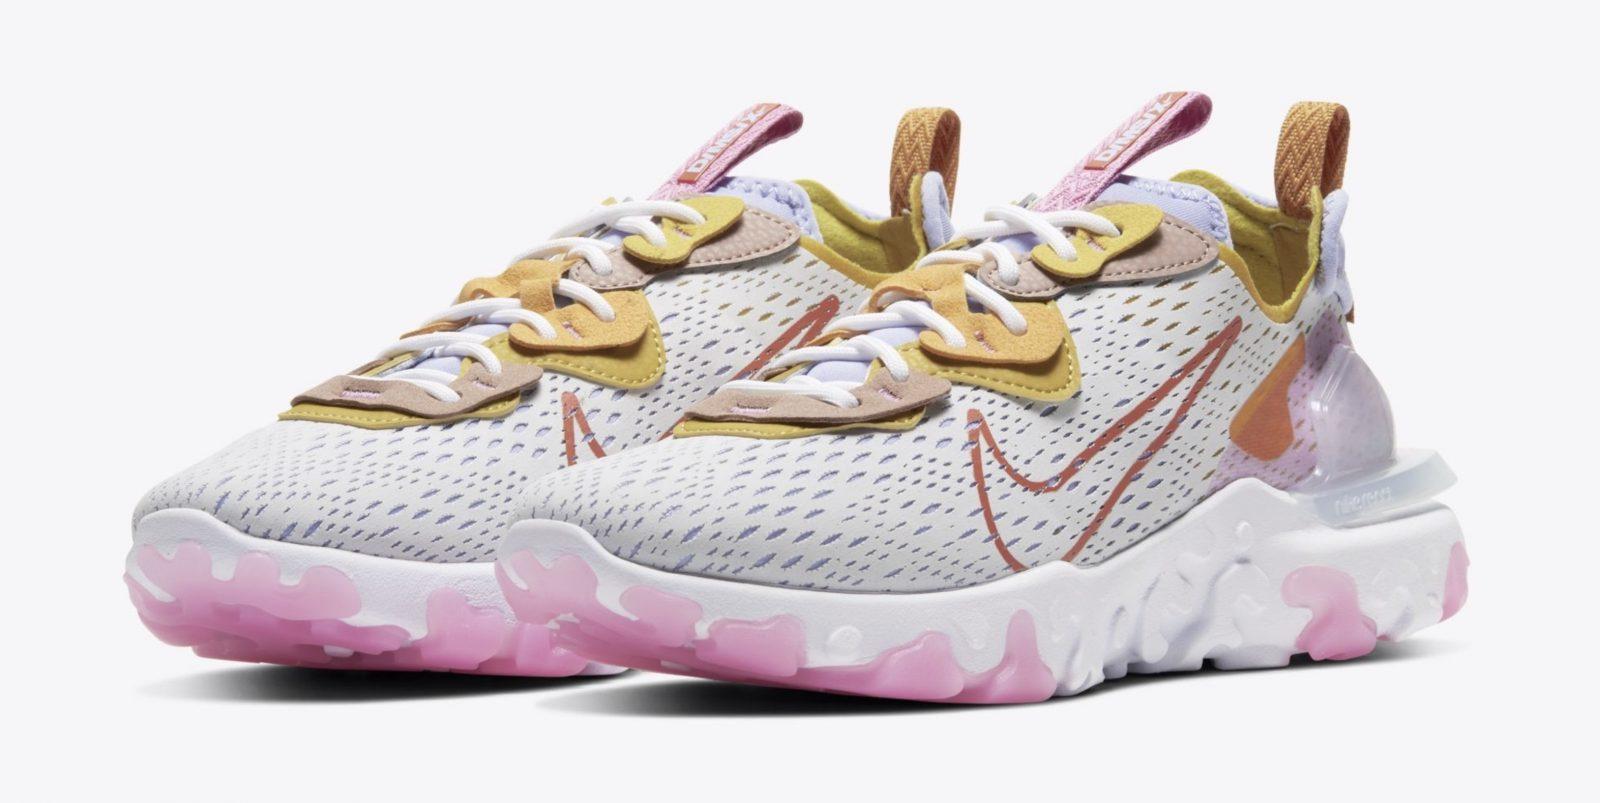 Nike React Vision Platinum Pink | CI7523-003 2